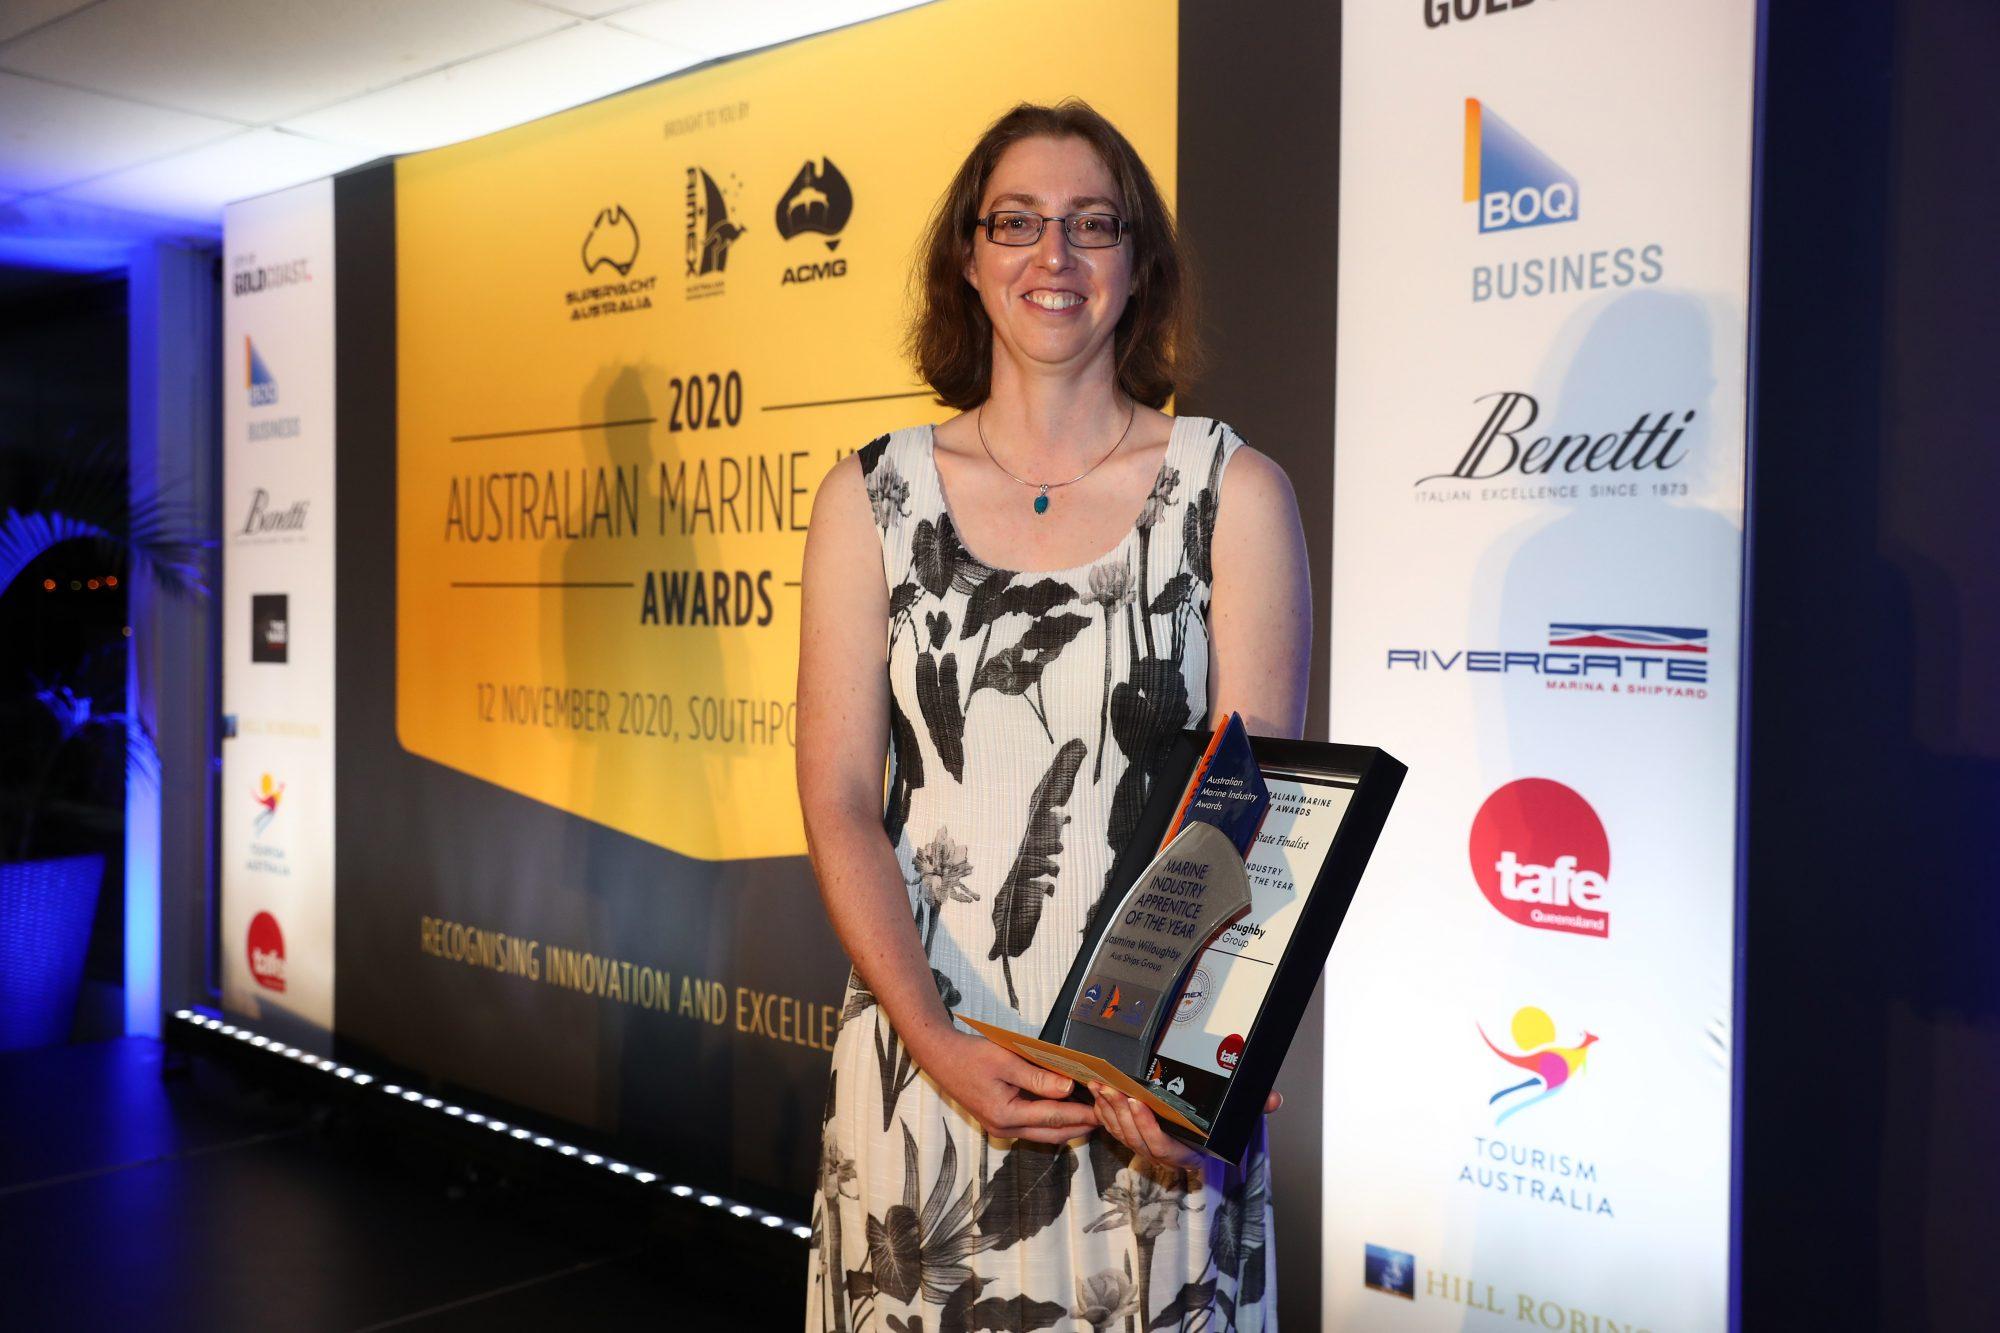 15. Jasmine Willoughby – Aus Ships Group – 2020 Apprentice Award Winner